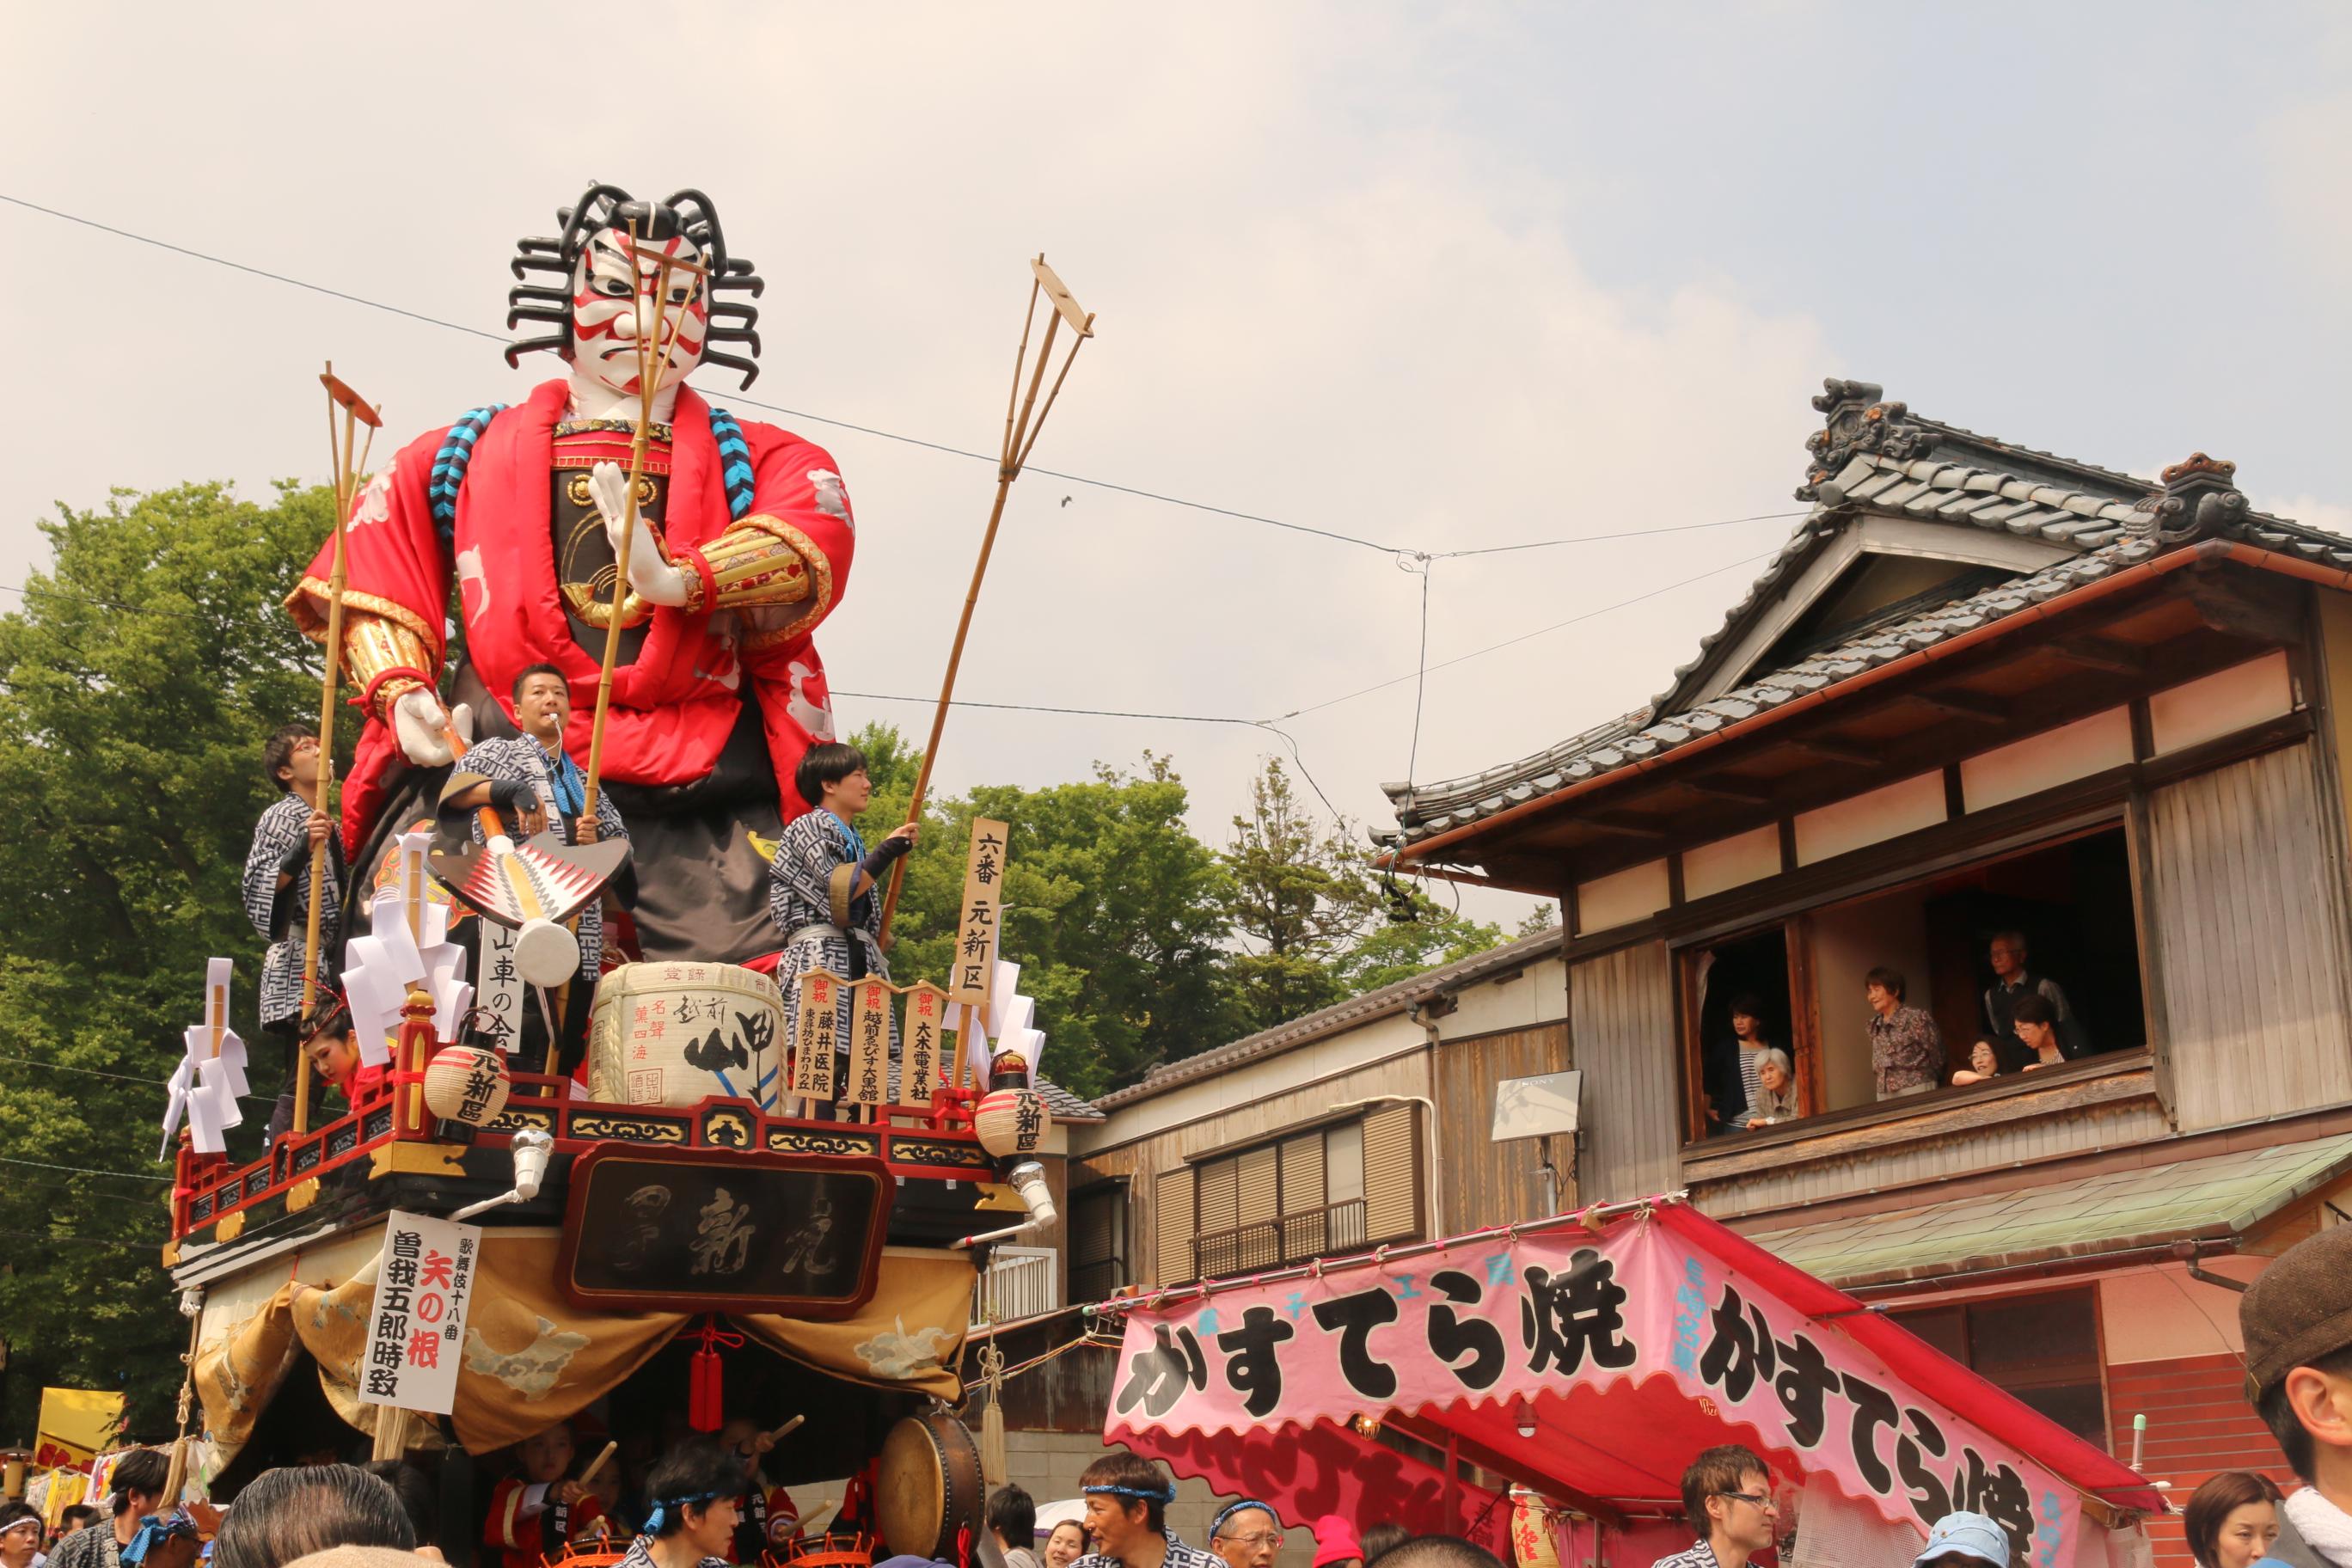 http://ud.t.u-tokyo.ac.jp/blog/_images/IMG_3389.JPG